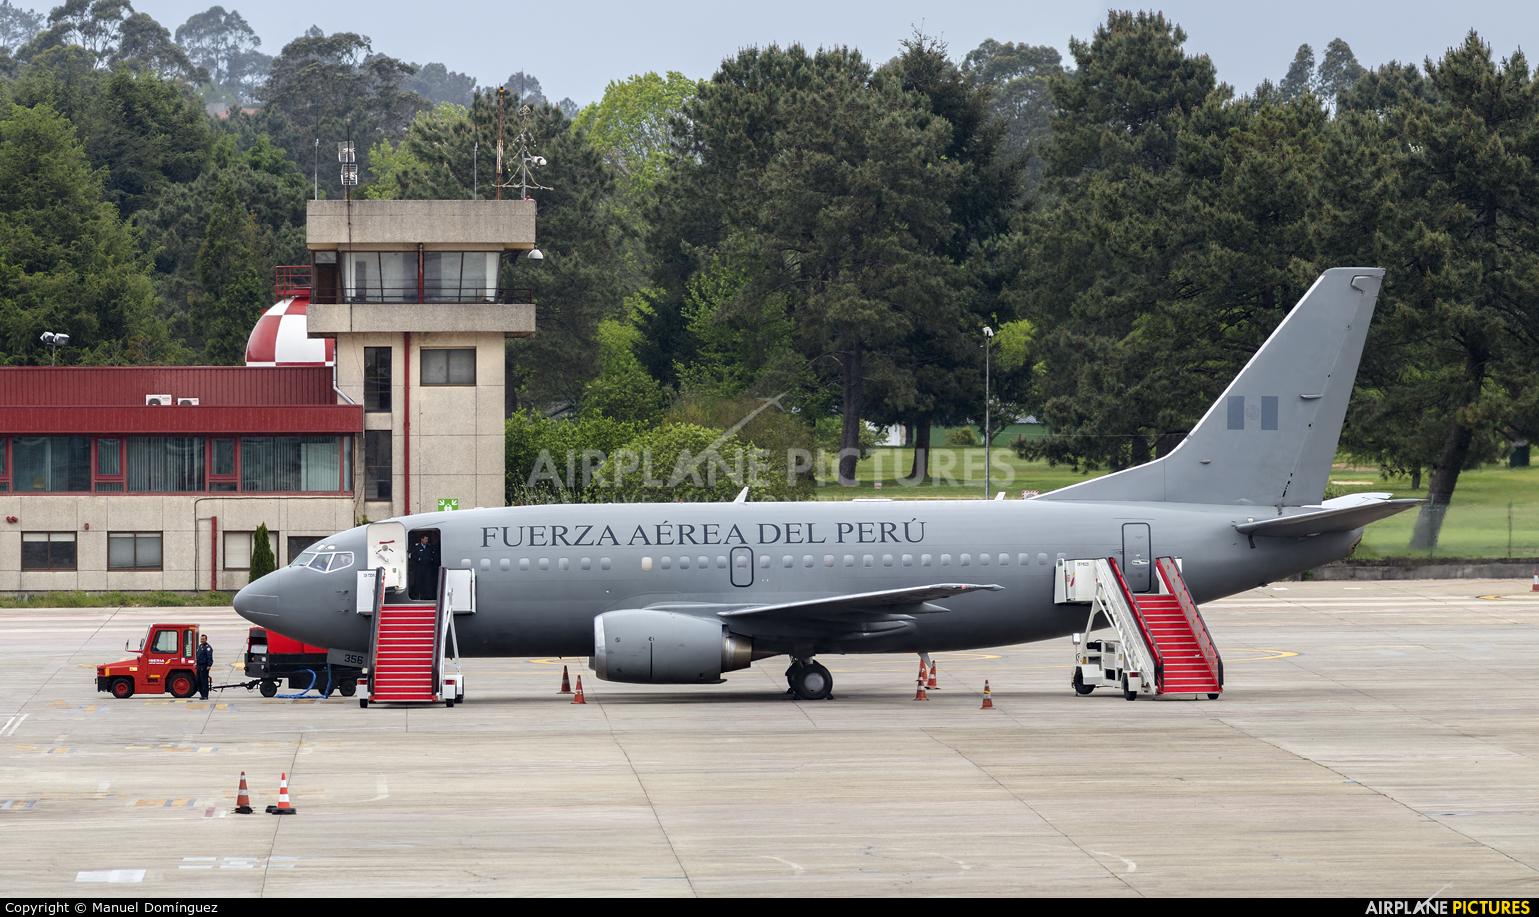 Peru - Air Force 356 aircraft at Vigo